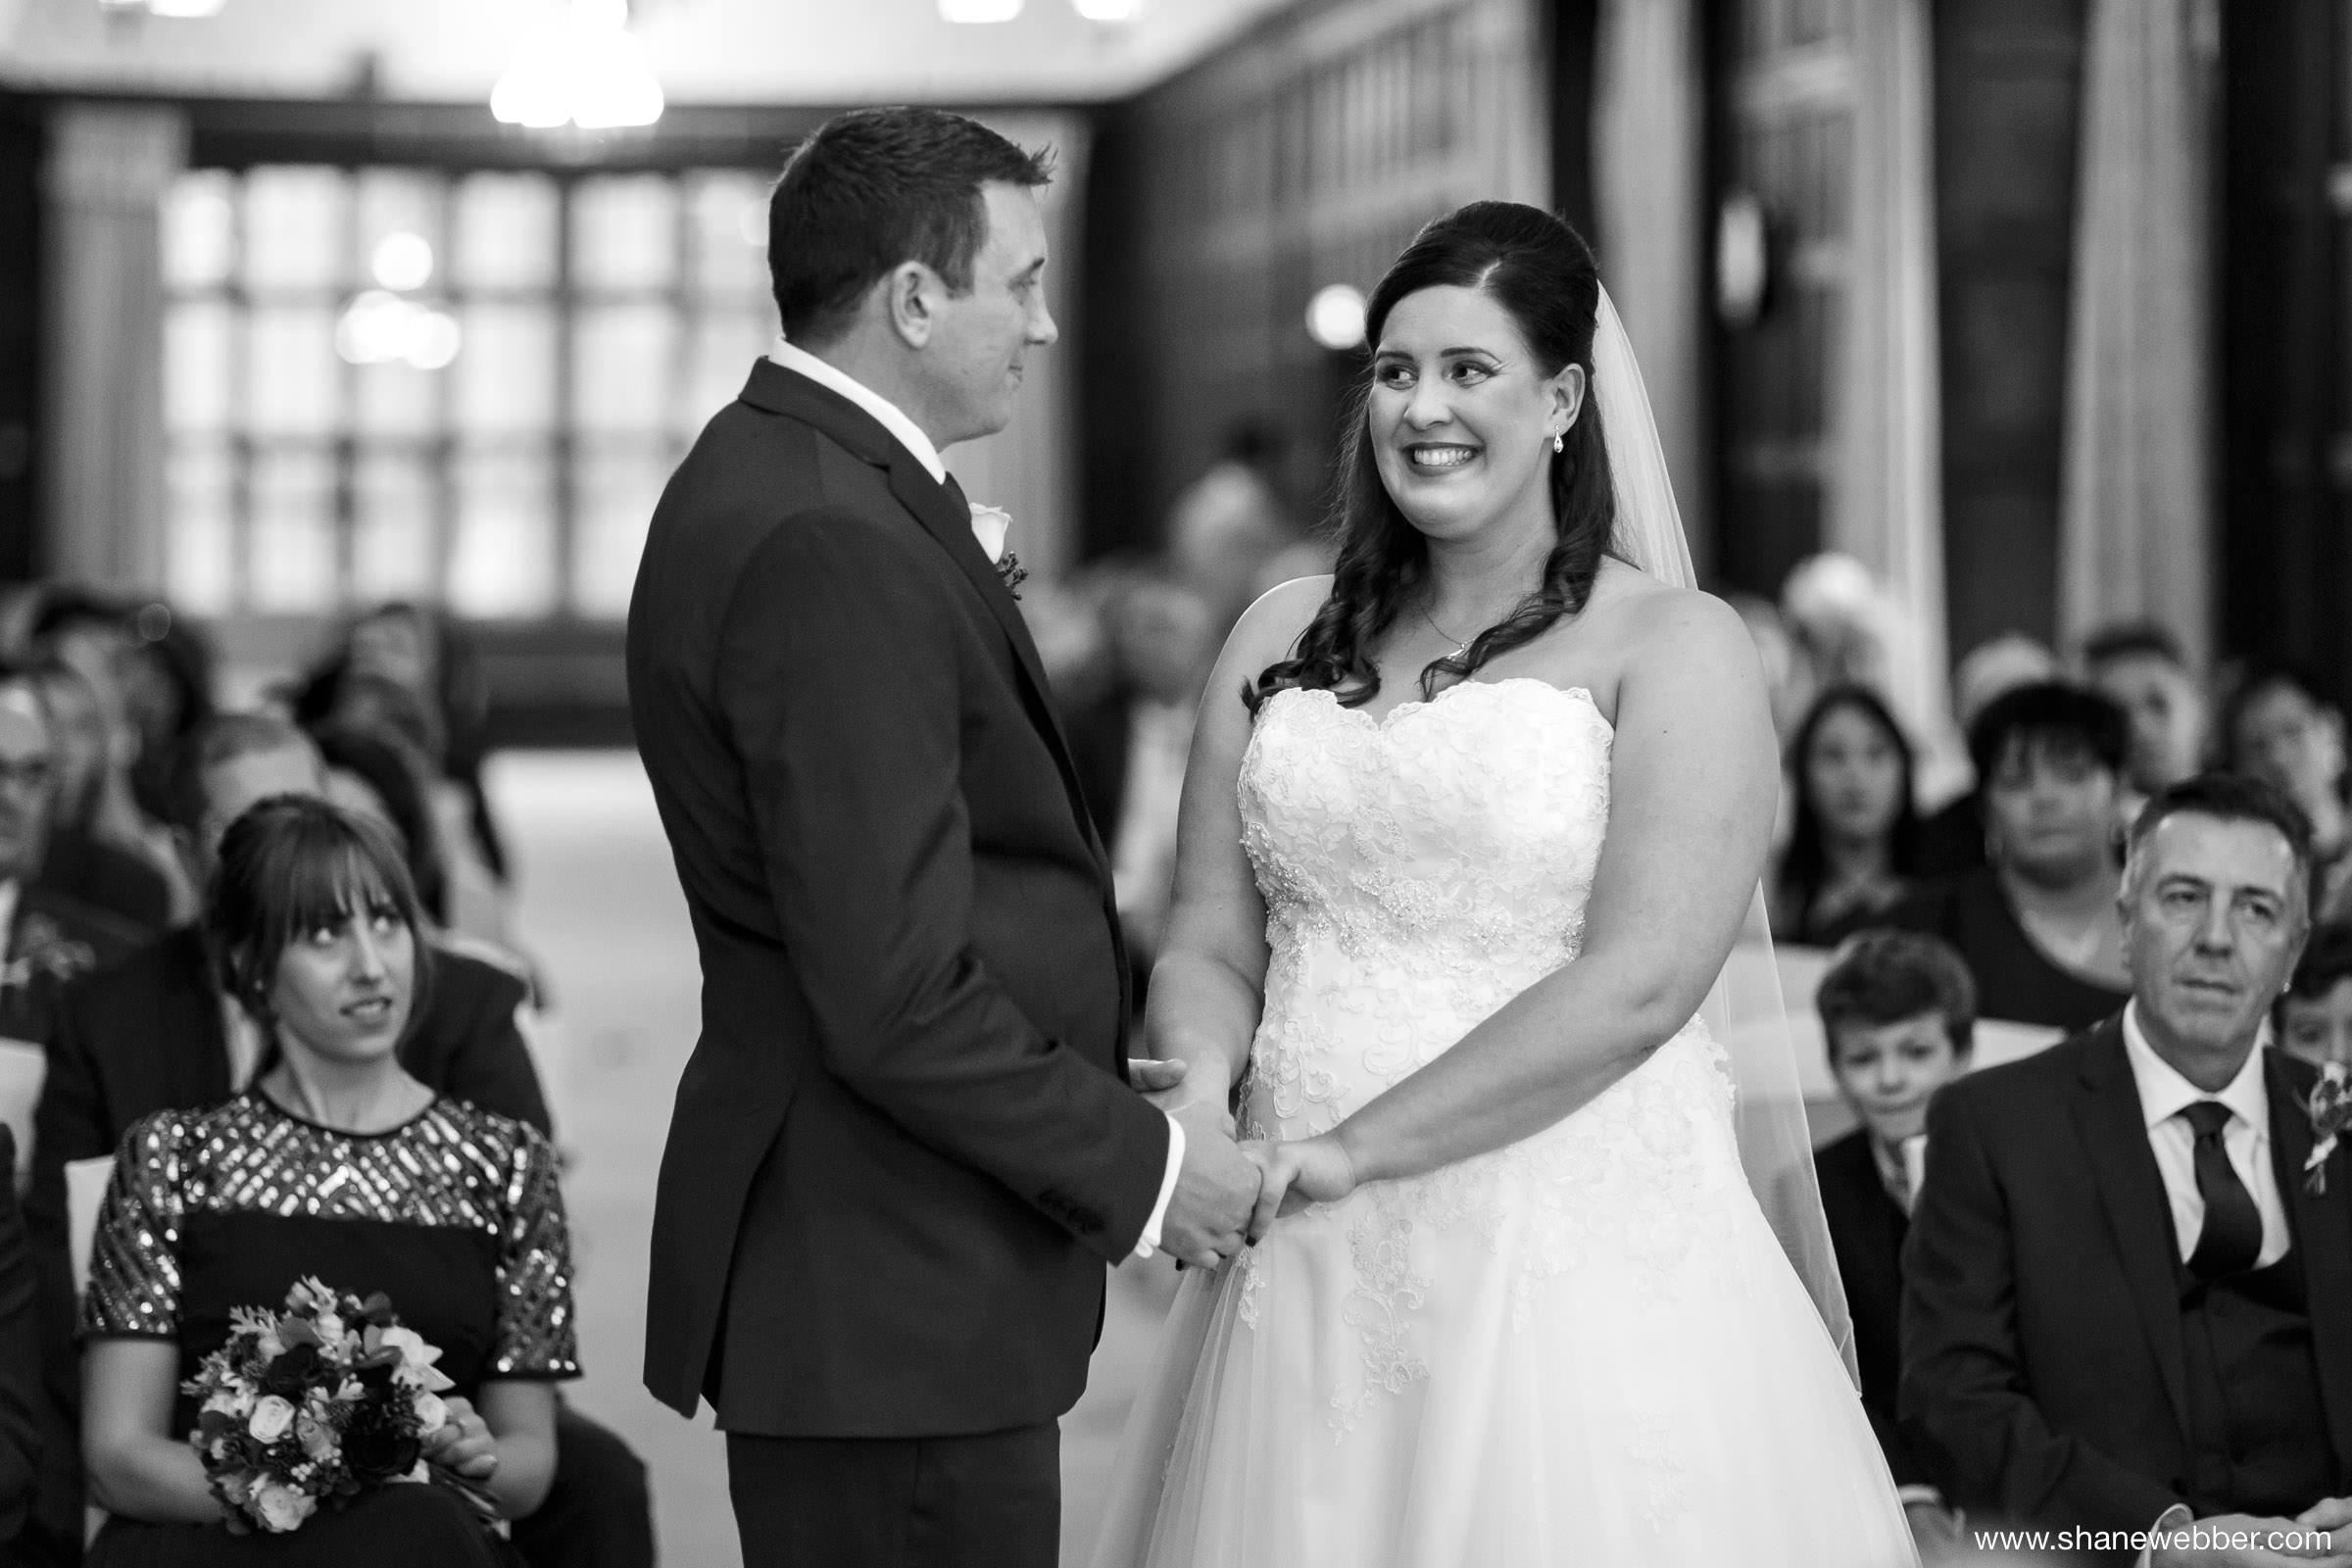 Blakc and white wedding photos